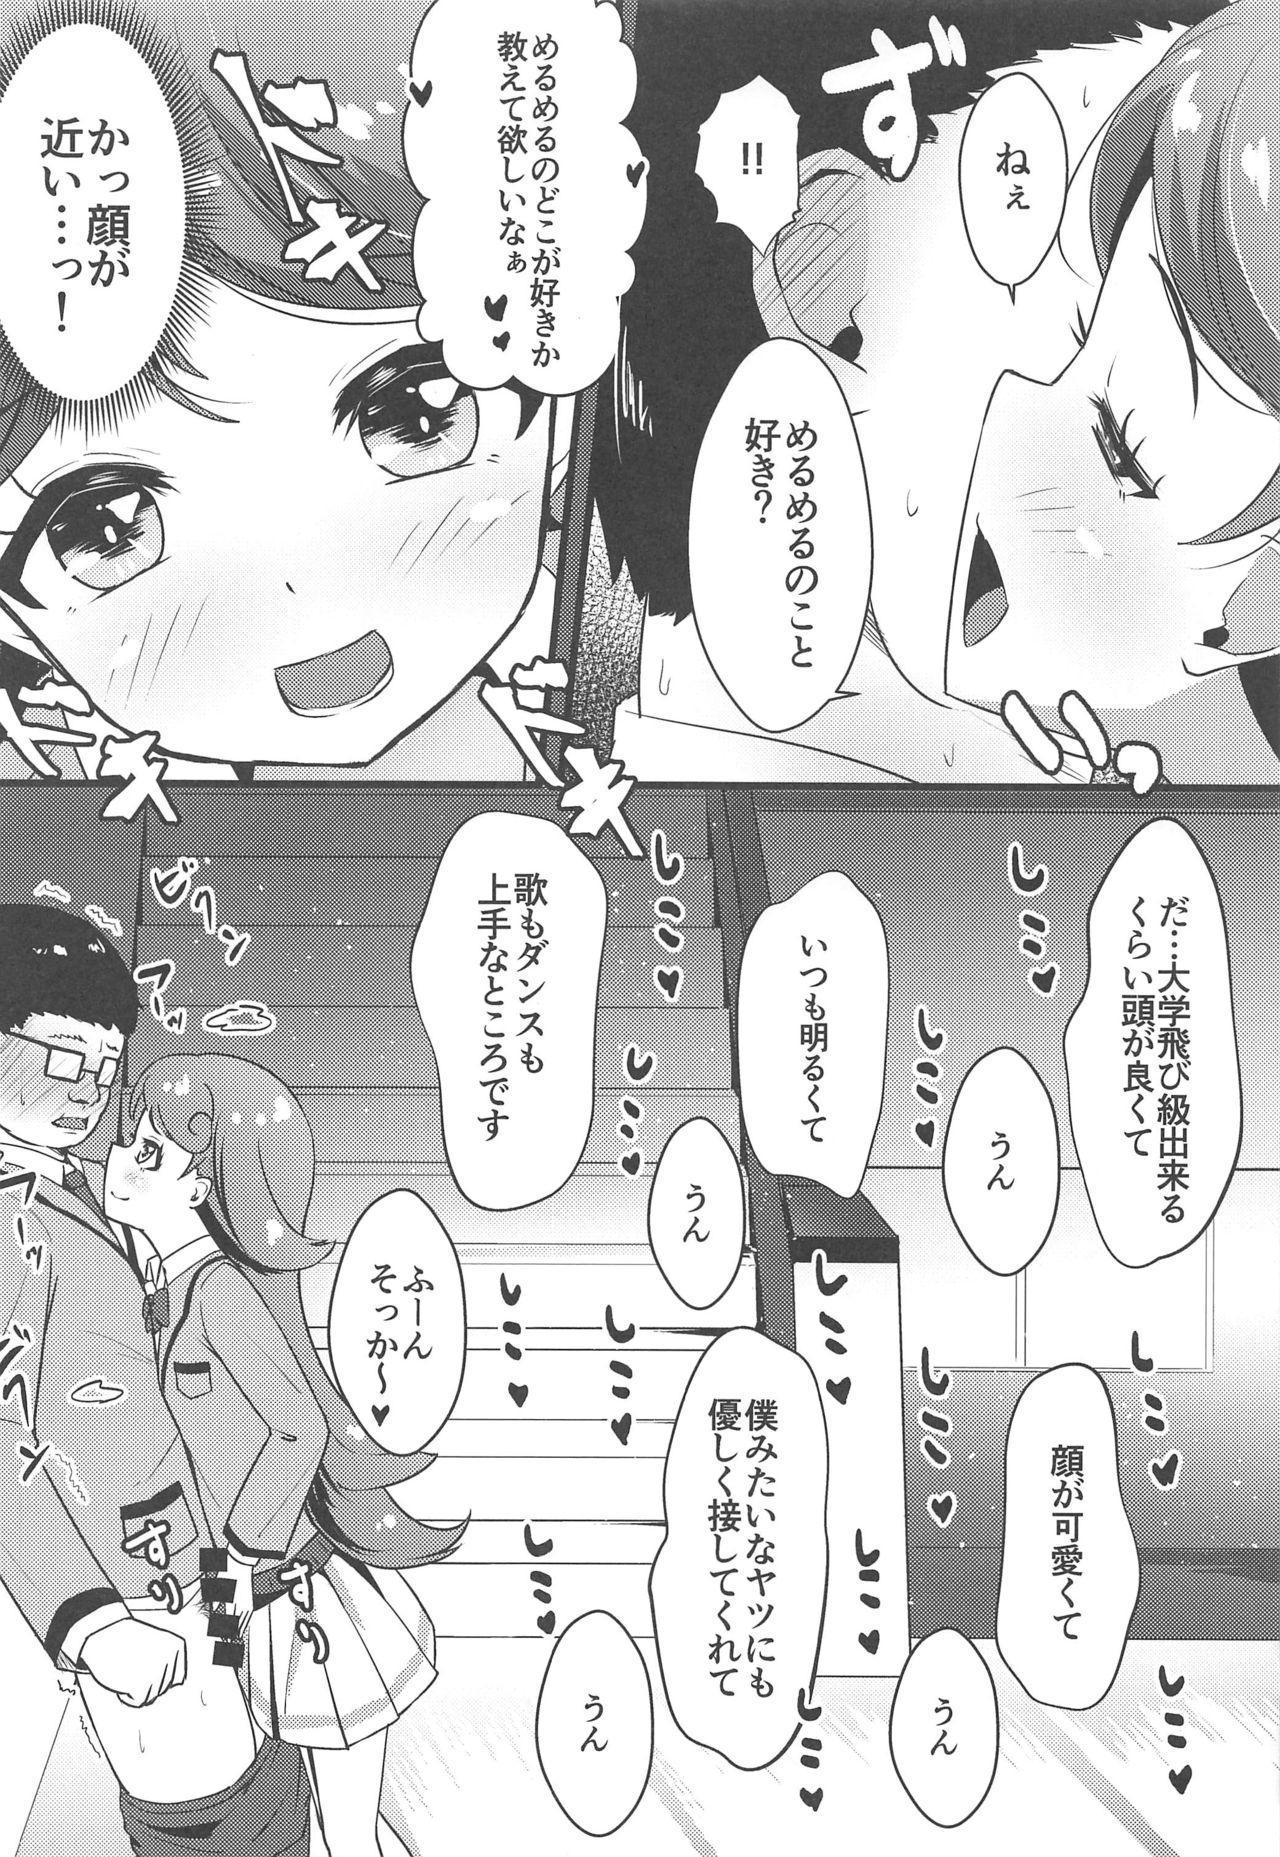 Classmate no Shiou-san ni Tanomikonde Ecchi na Koto o Shite Morau Hon + C97 Rakugaki Omake Hon 4